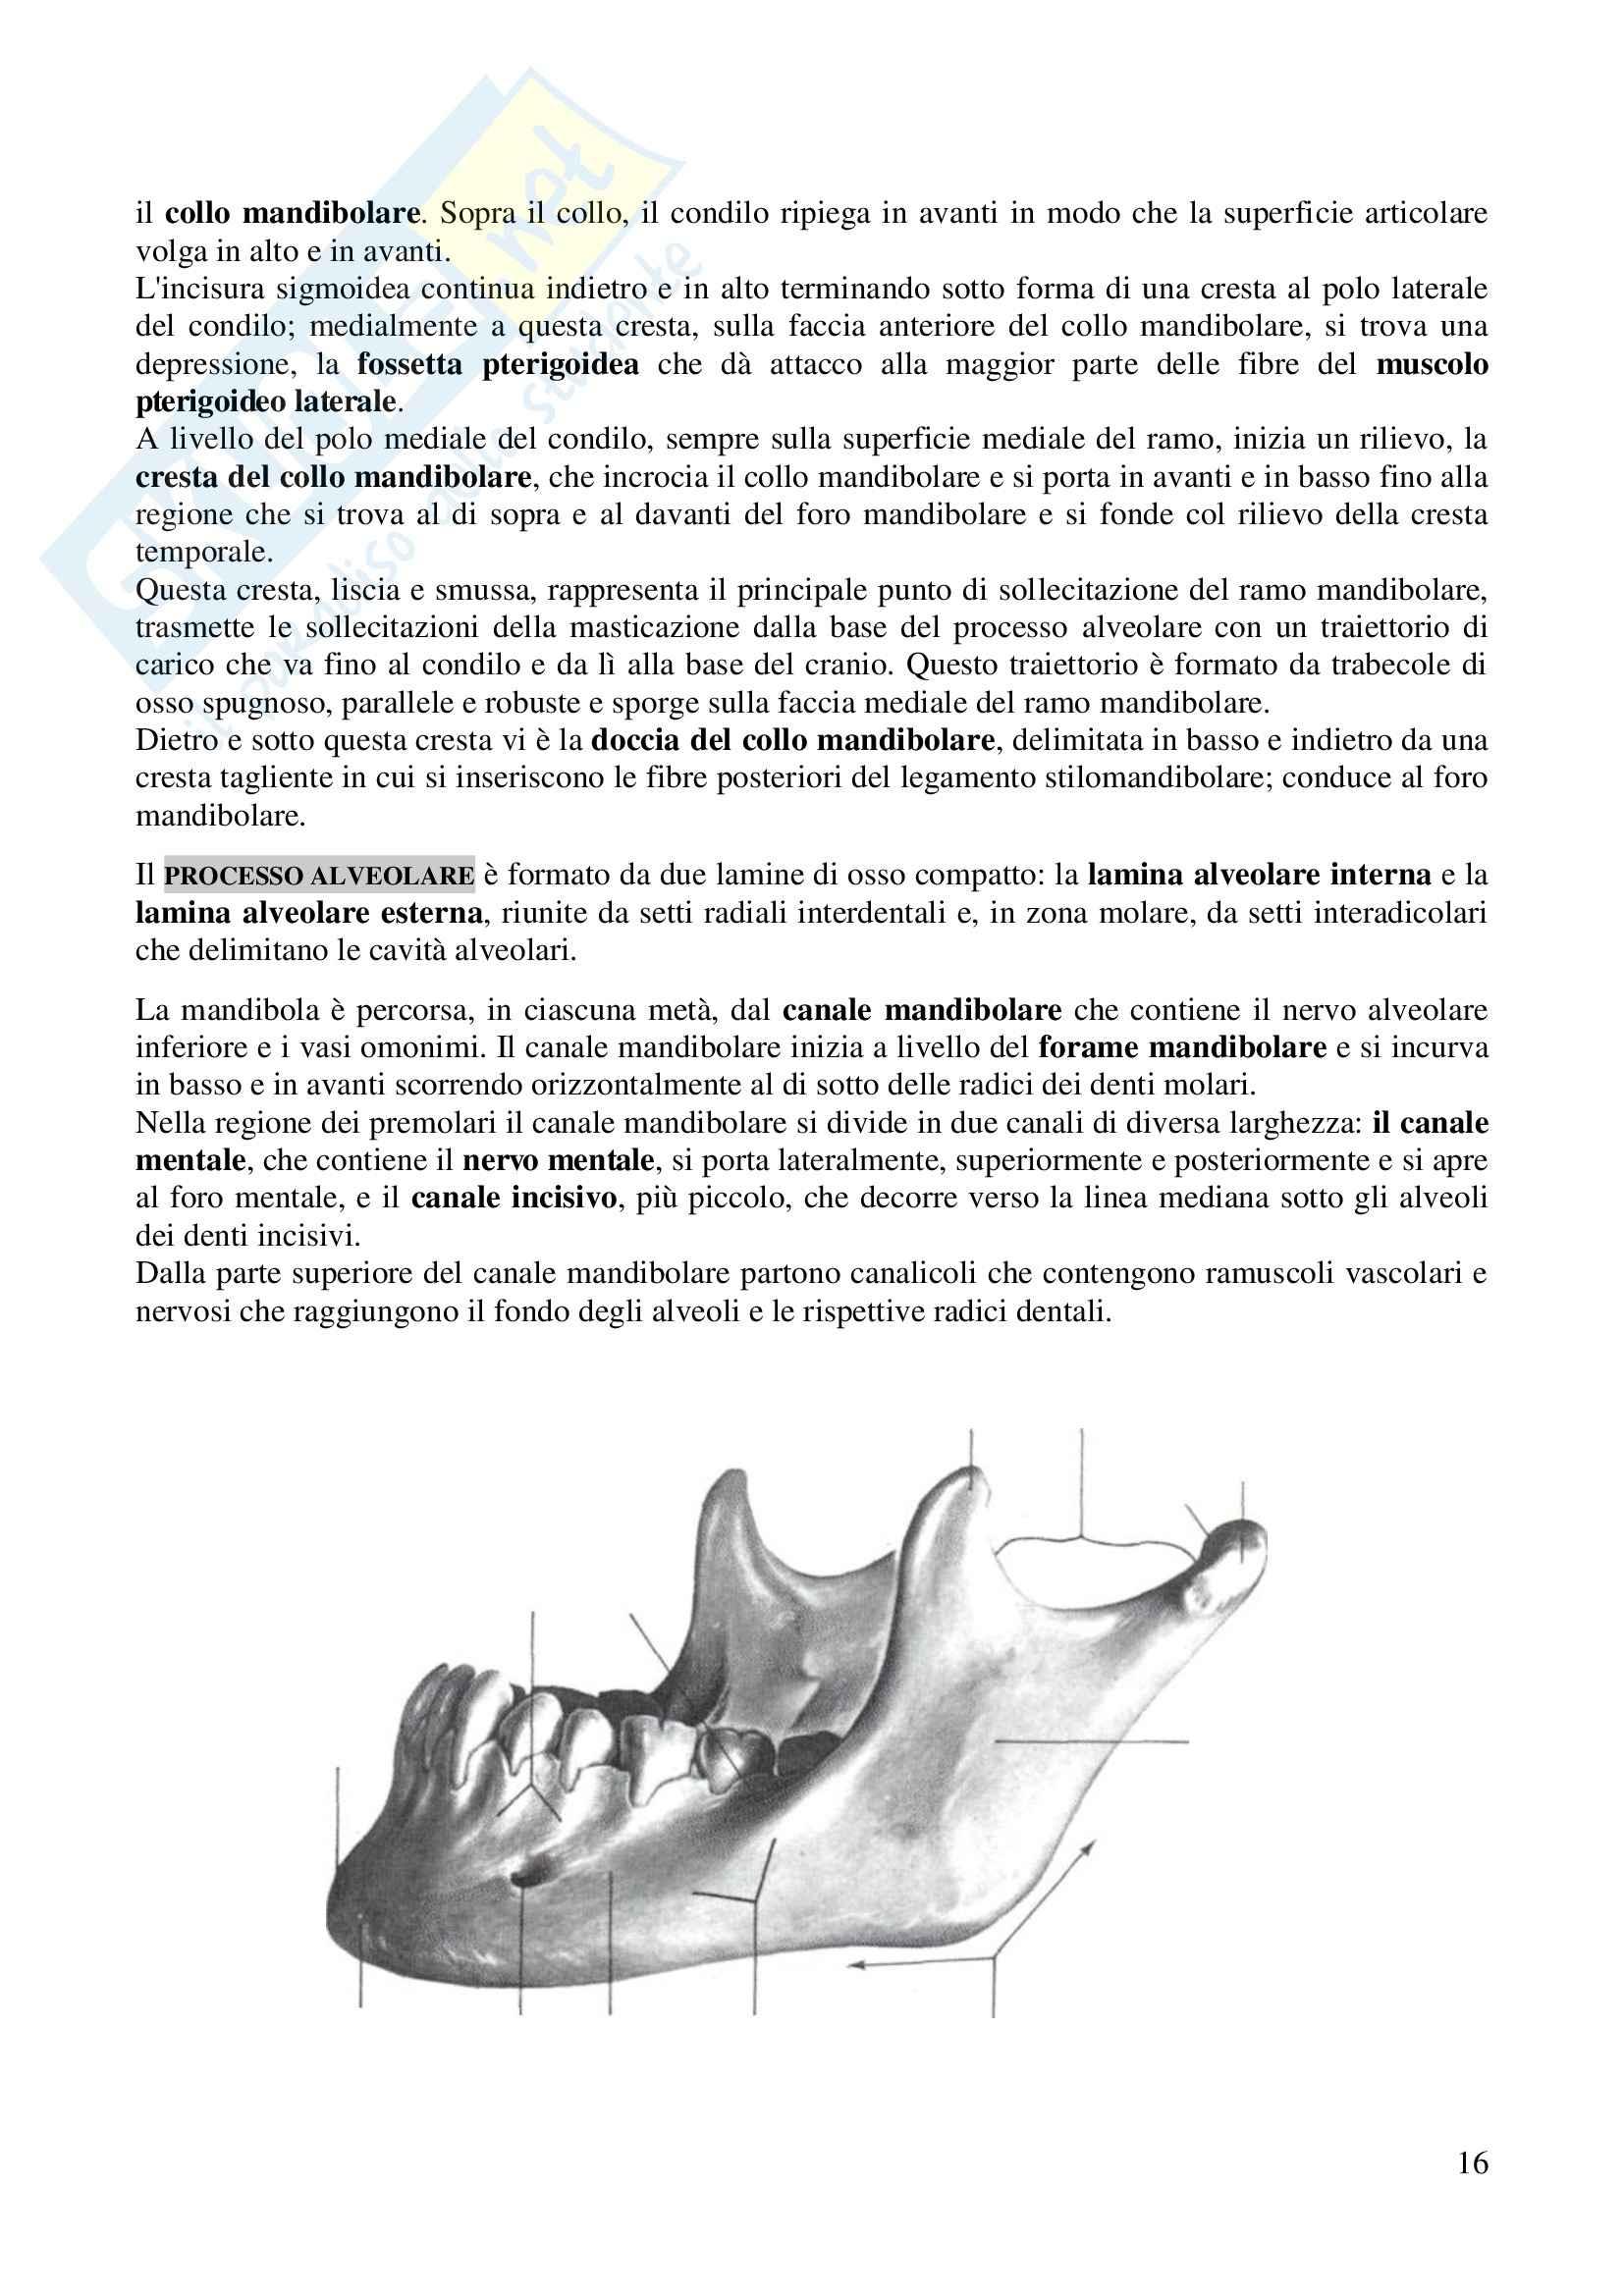 Ossa del cranio, Anatomia dell'apparato stomatognatico Pag. 16